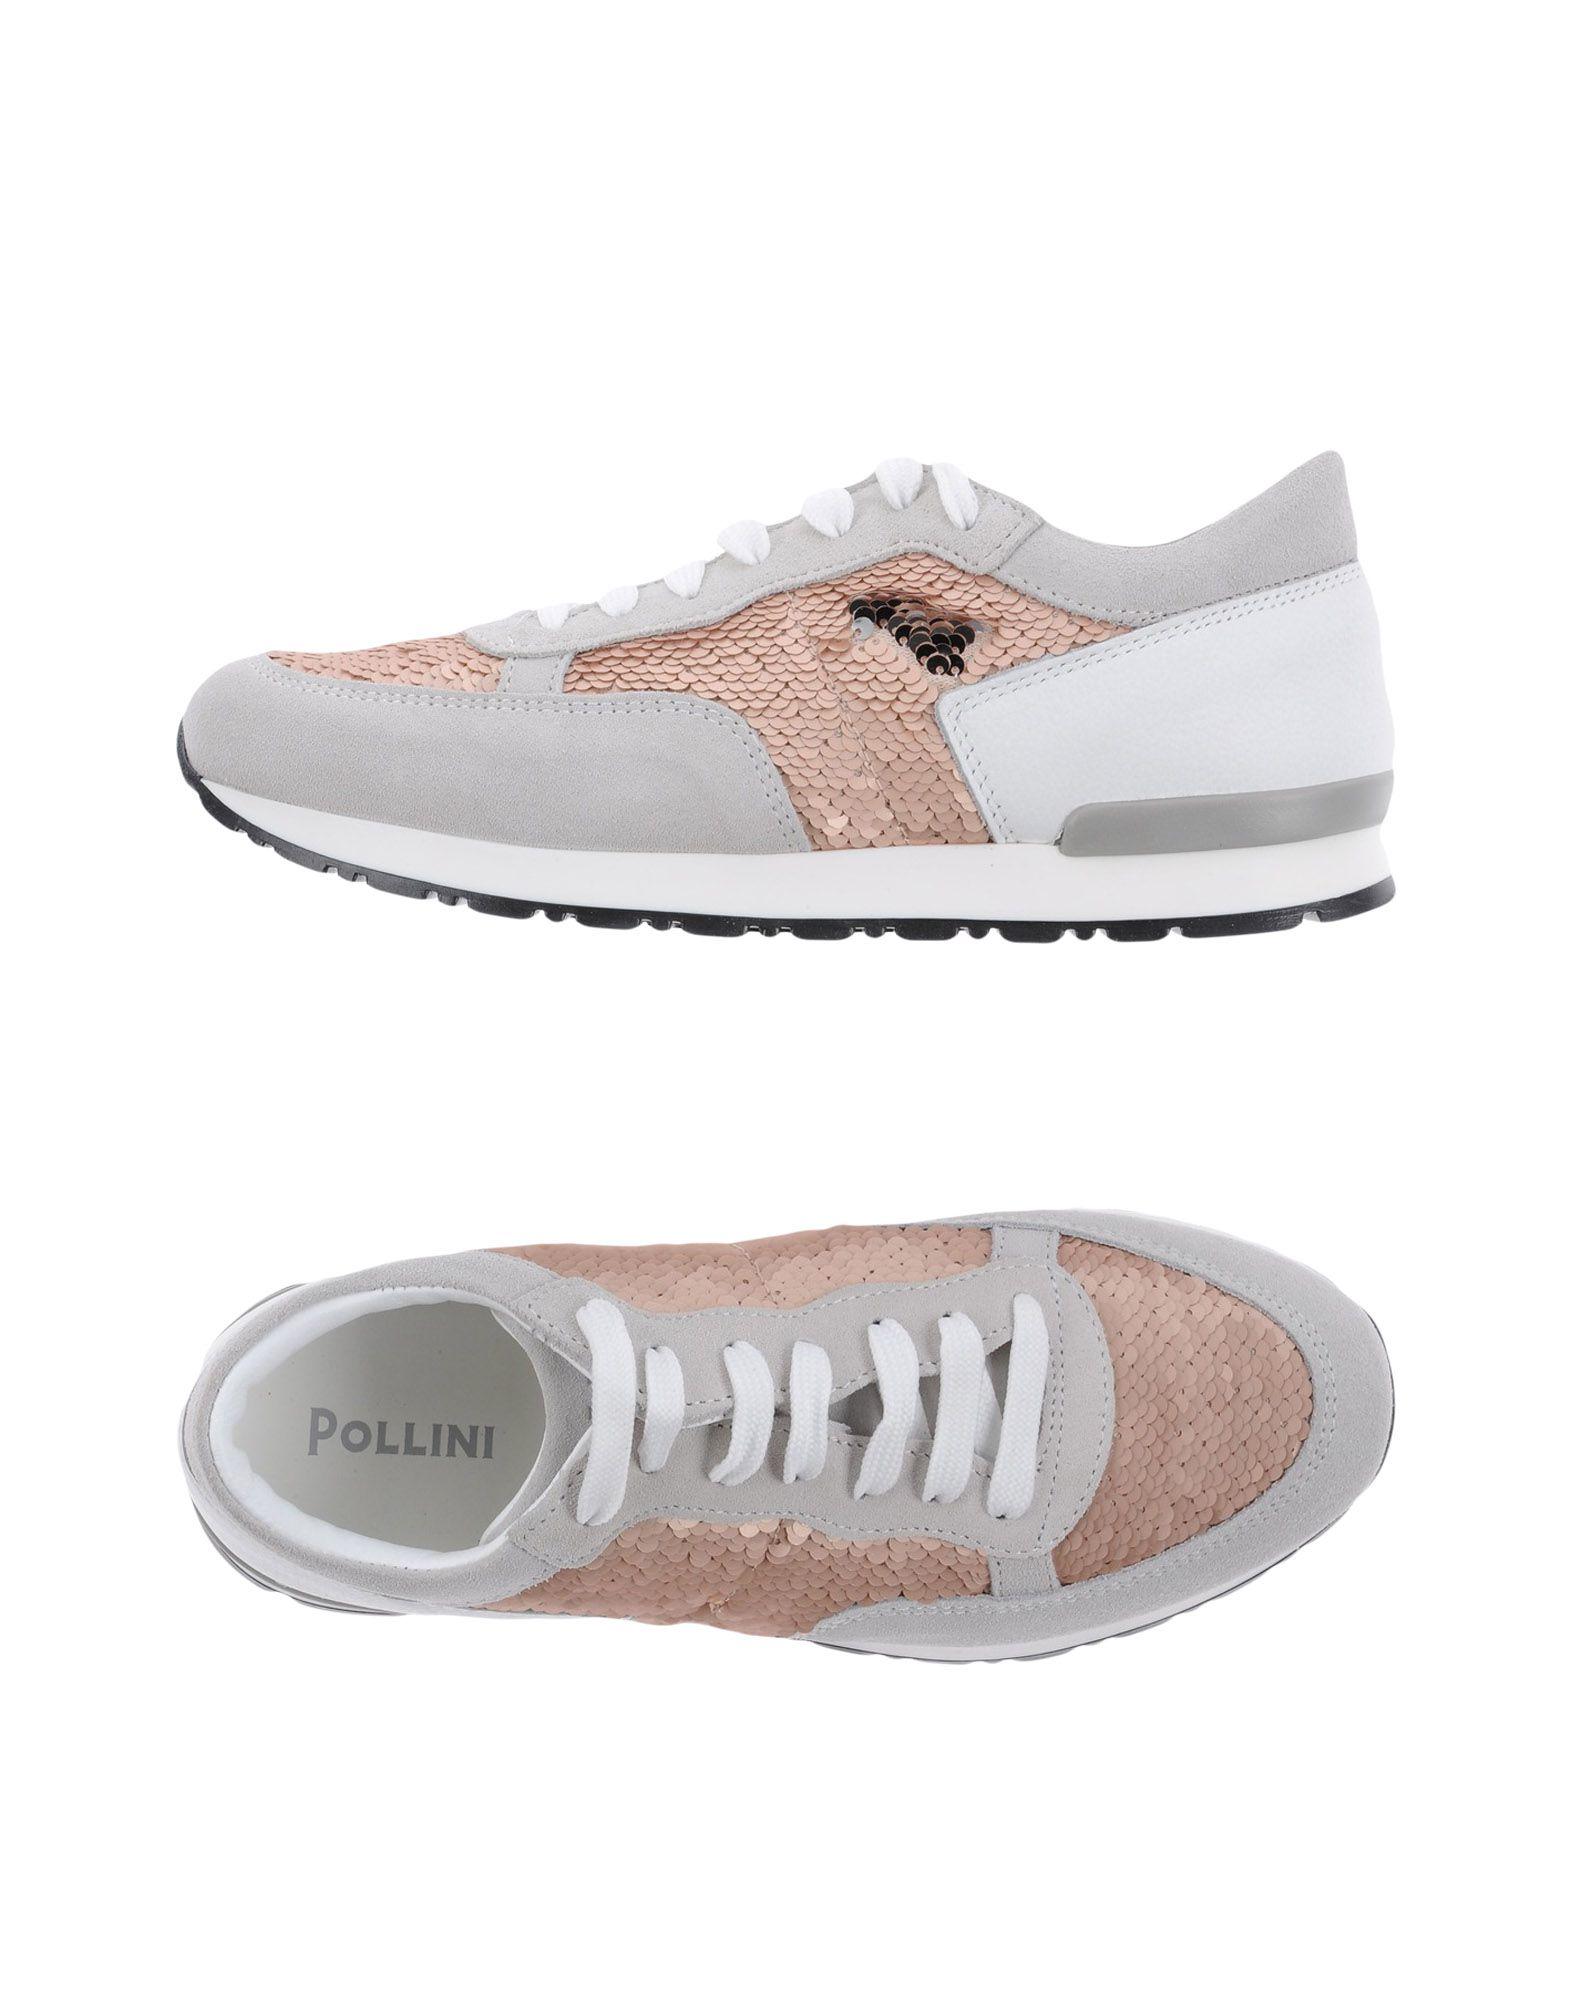 Pollini Sneakers Damen Gutes lohnt Preis-Leistungs-Verhältnis, es lohnt Gutes sich a7a55c